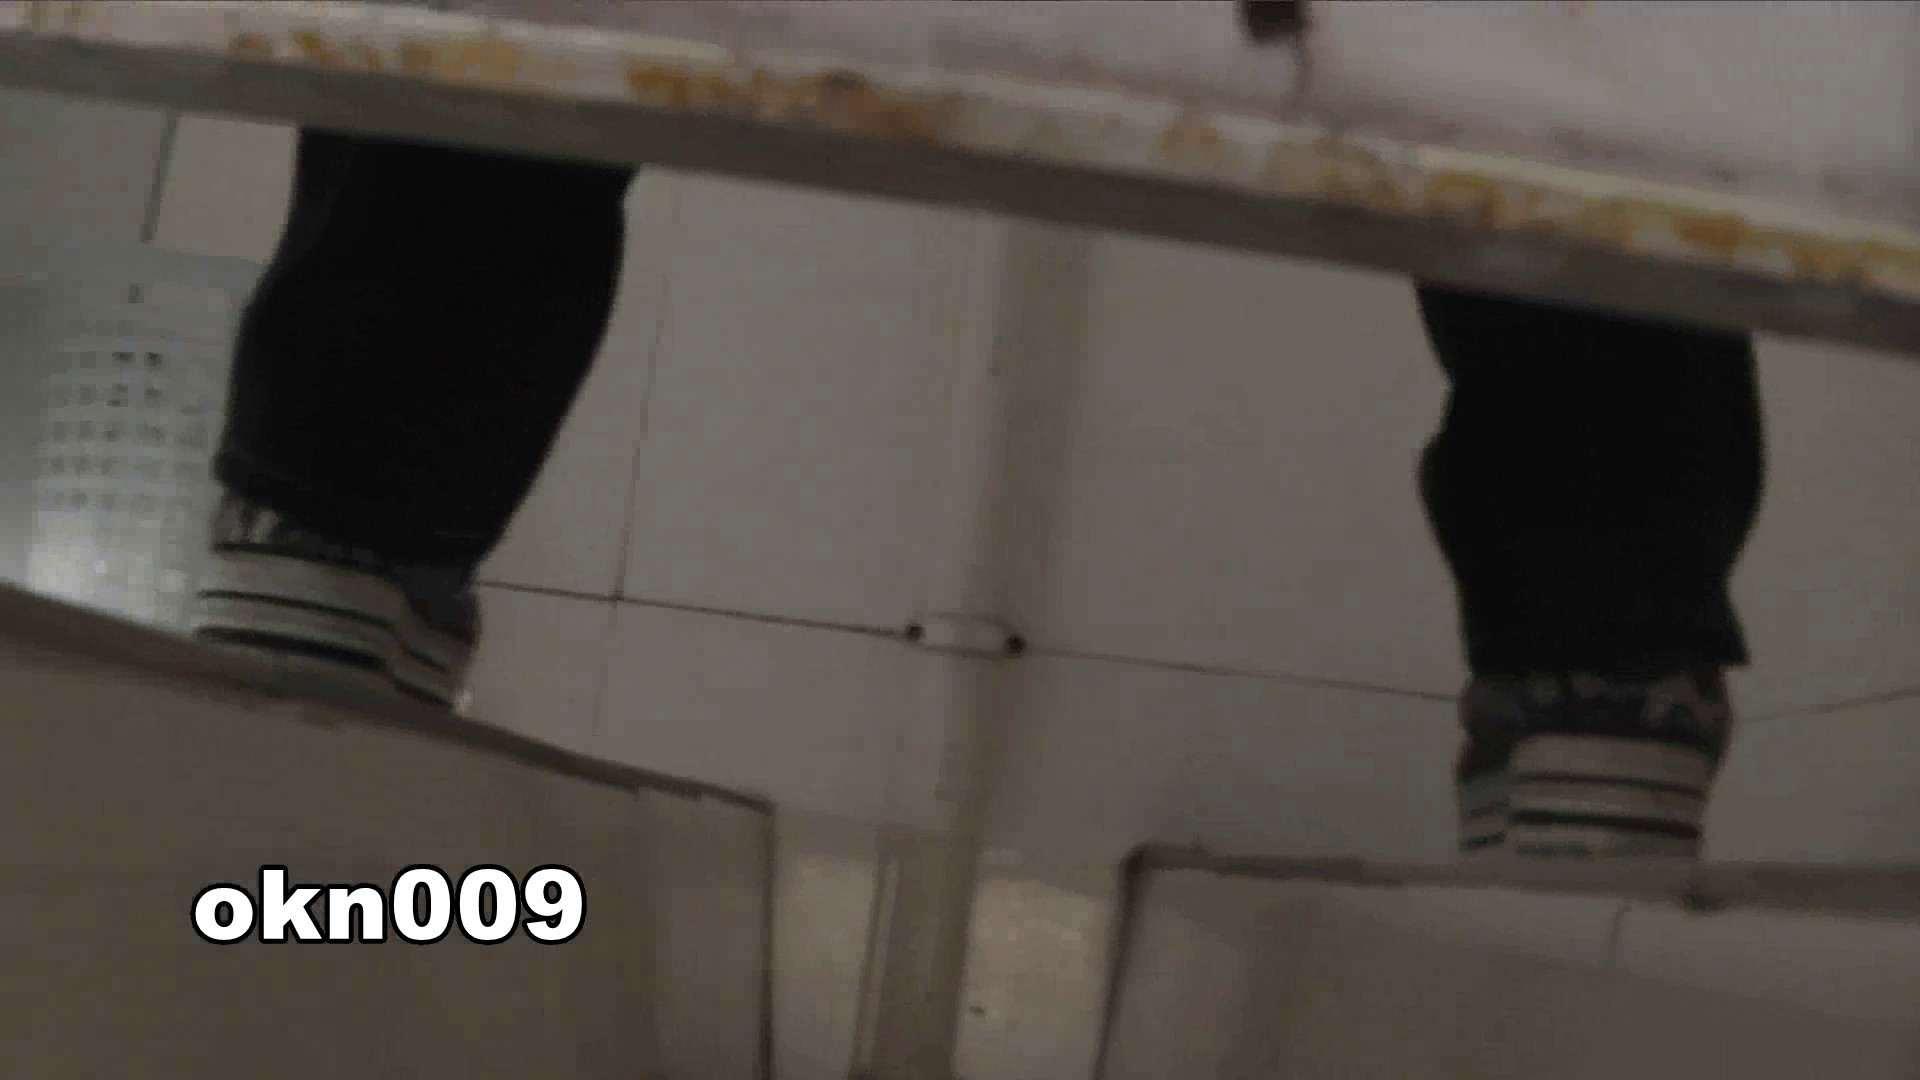 下からノゾム vol.009 リキンでモリアガった割にヒョロ 洗面所 | 丸見えマンコ  55画像 48